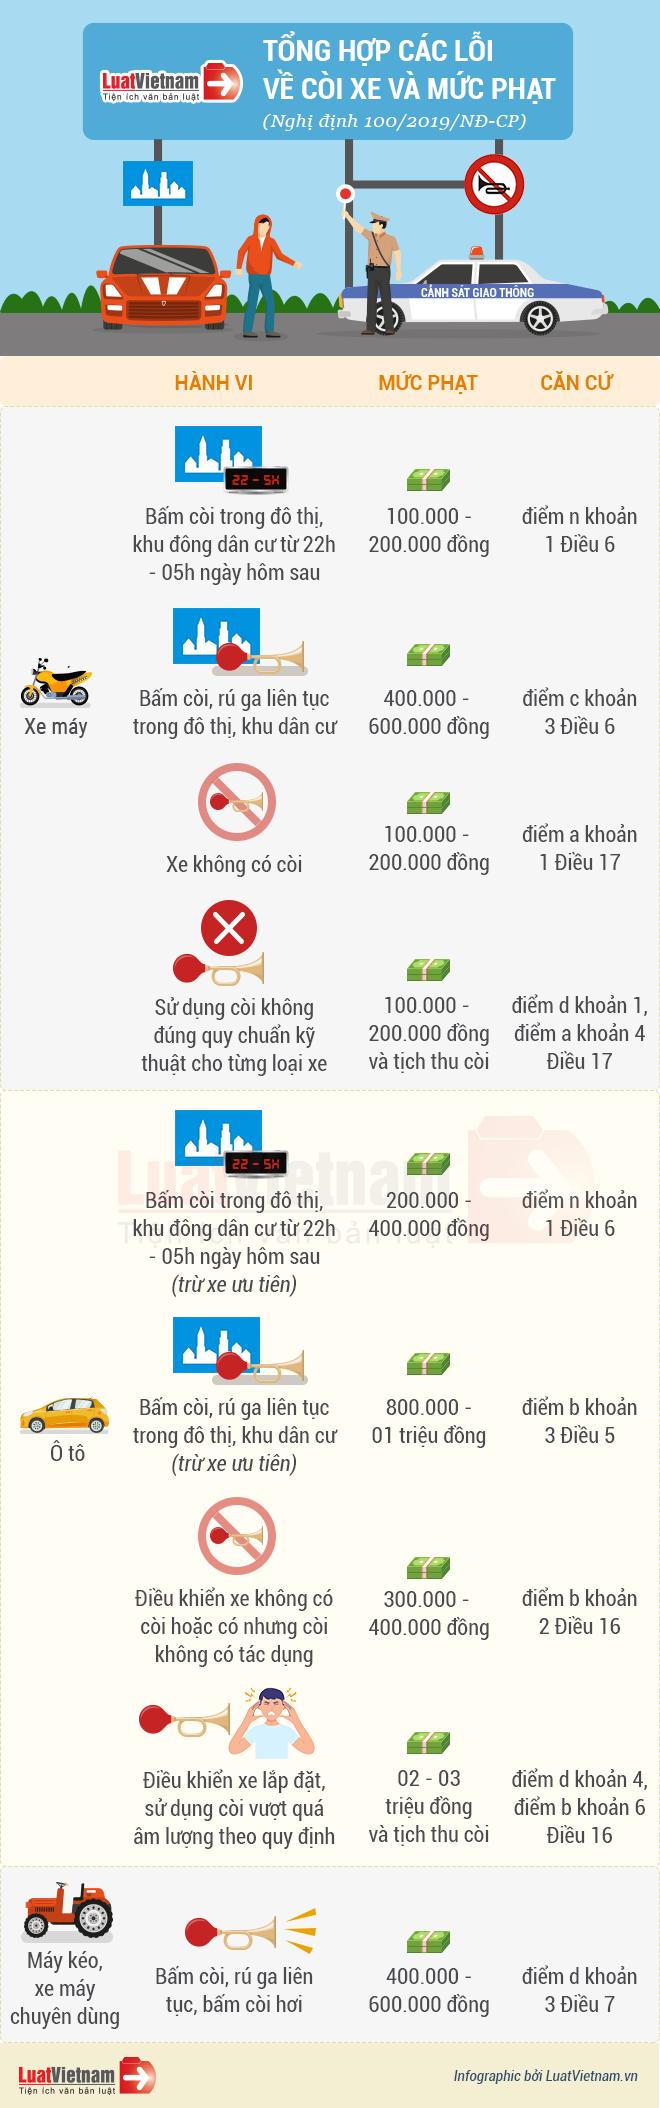 lỗi về còi xe và mức phạt